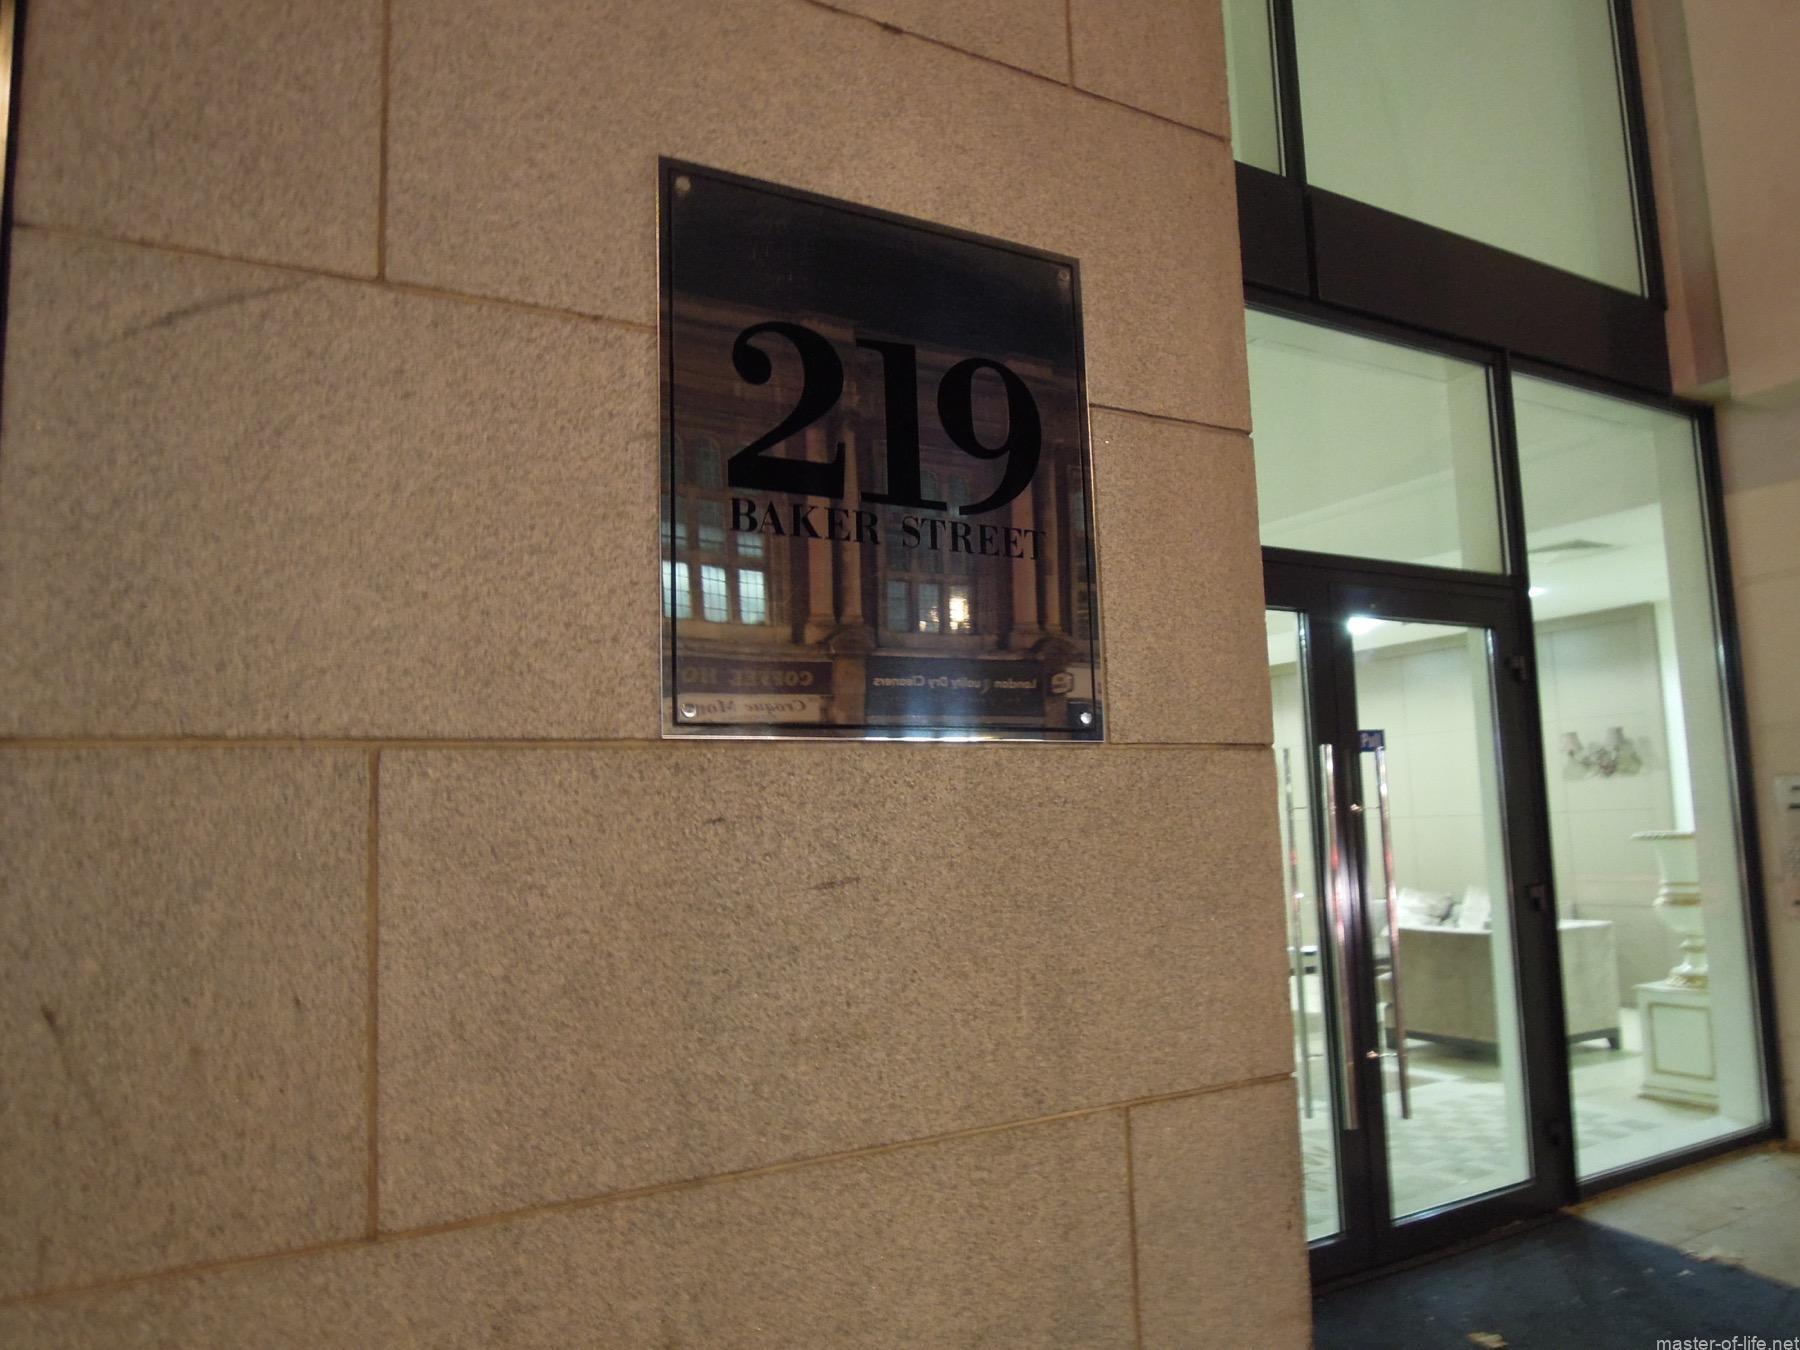 Baker St 219